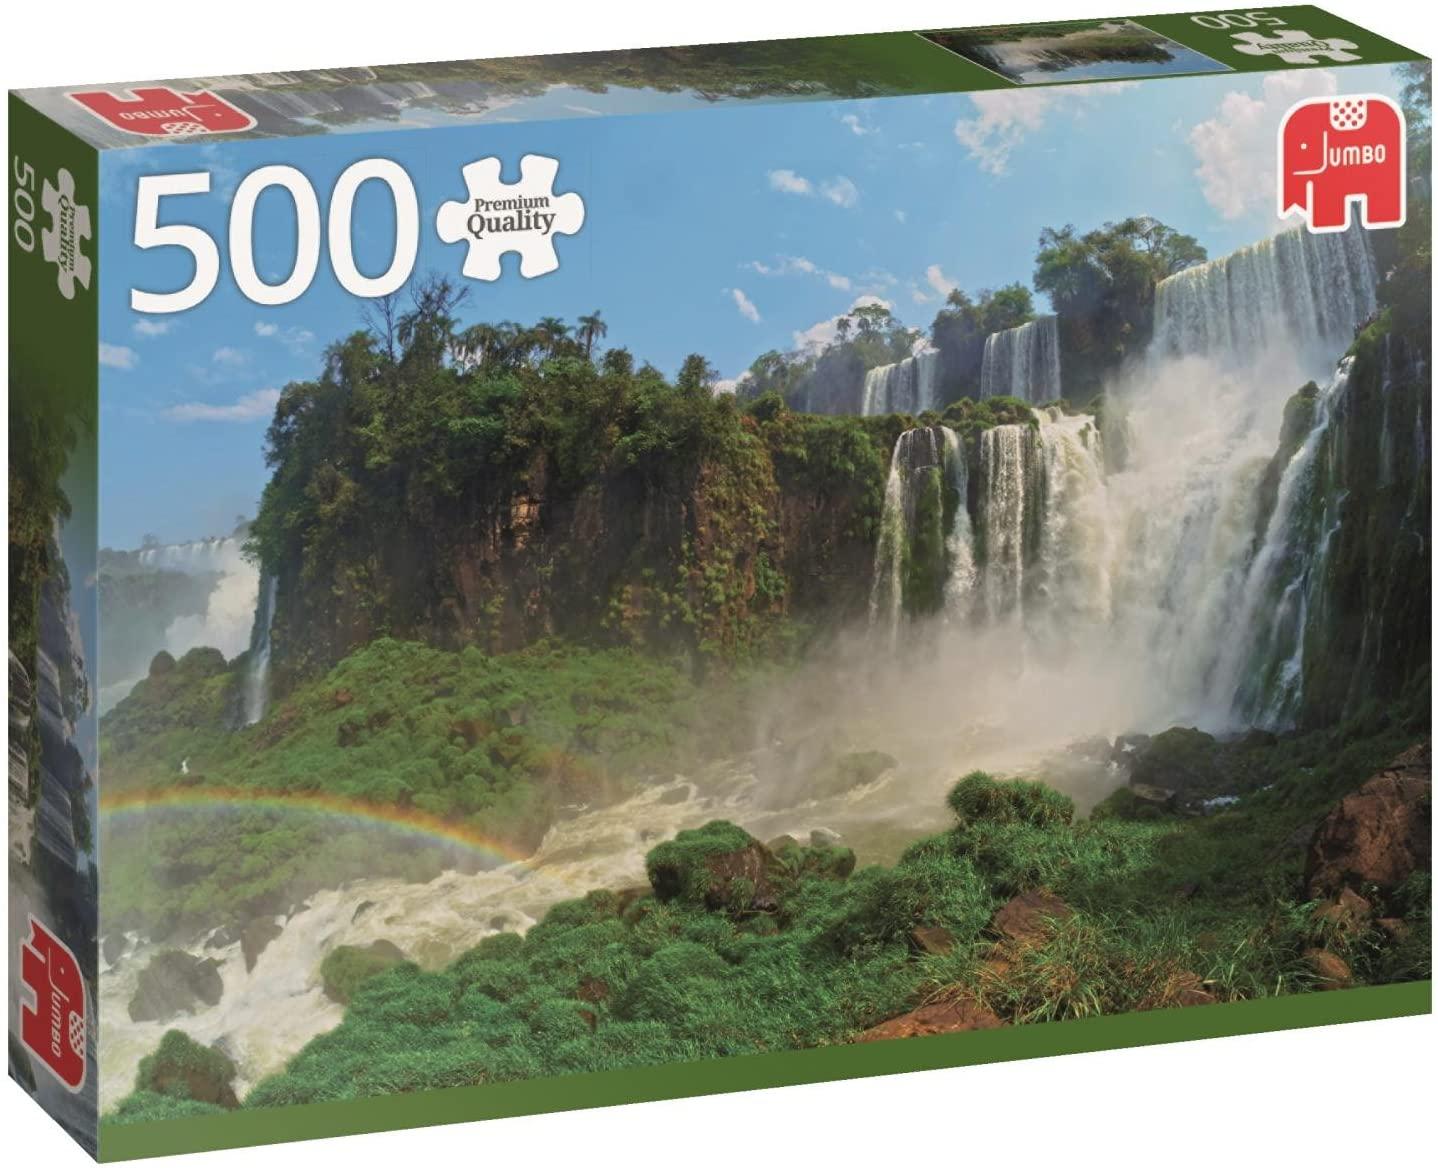 Puzzle Iguazu Wasserfälle - Argentienien - 500 Teile